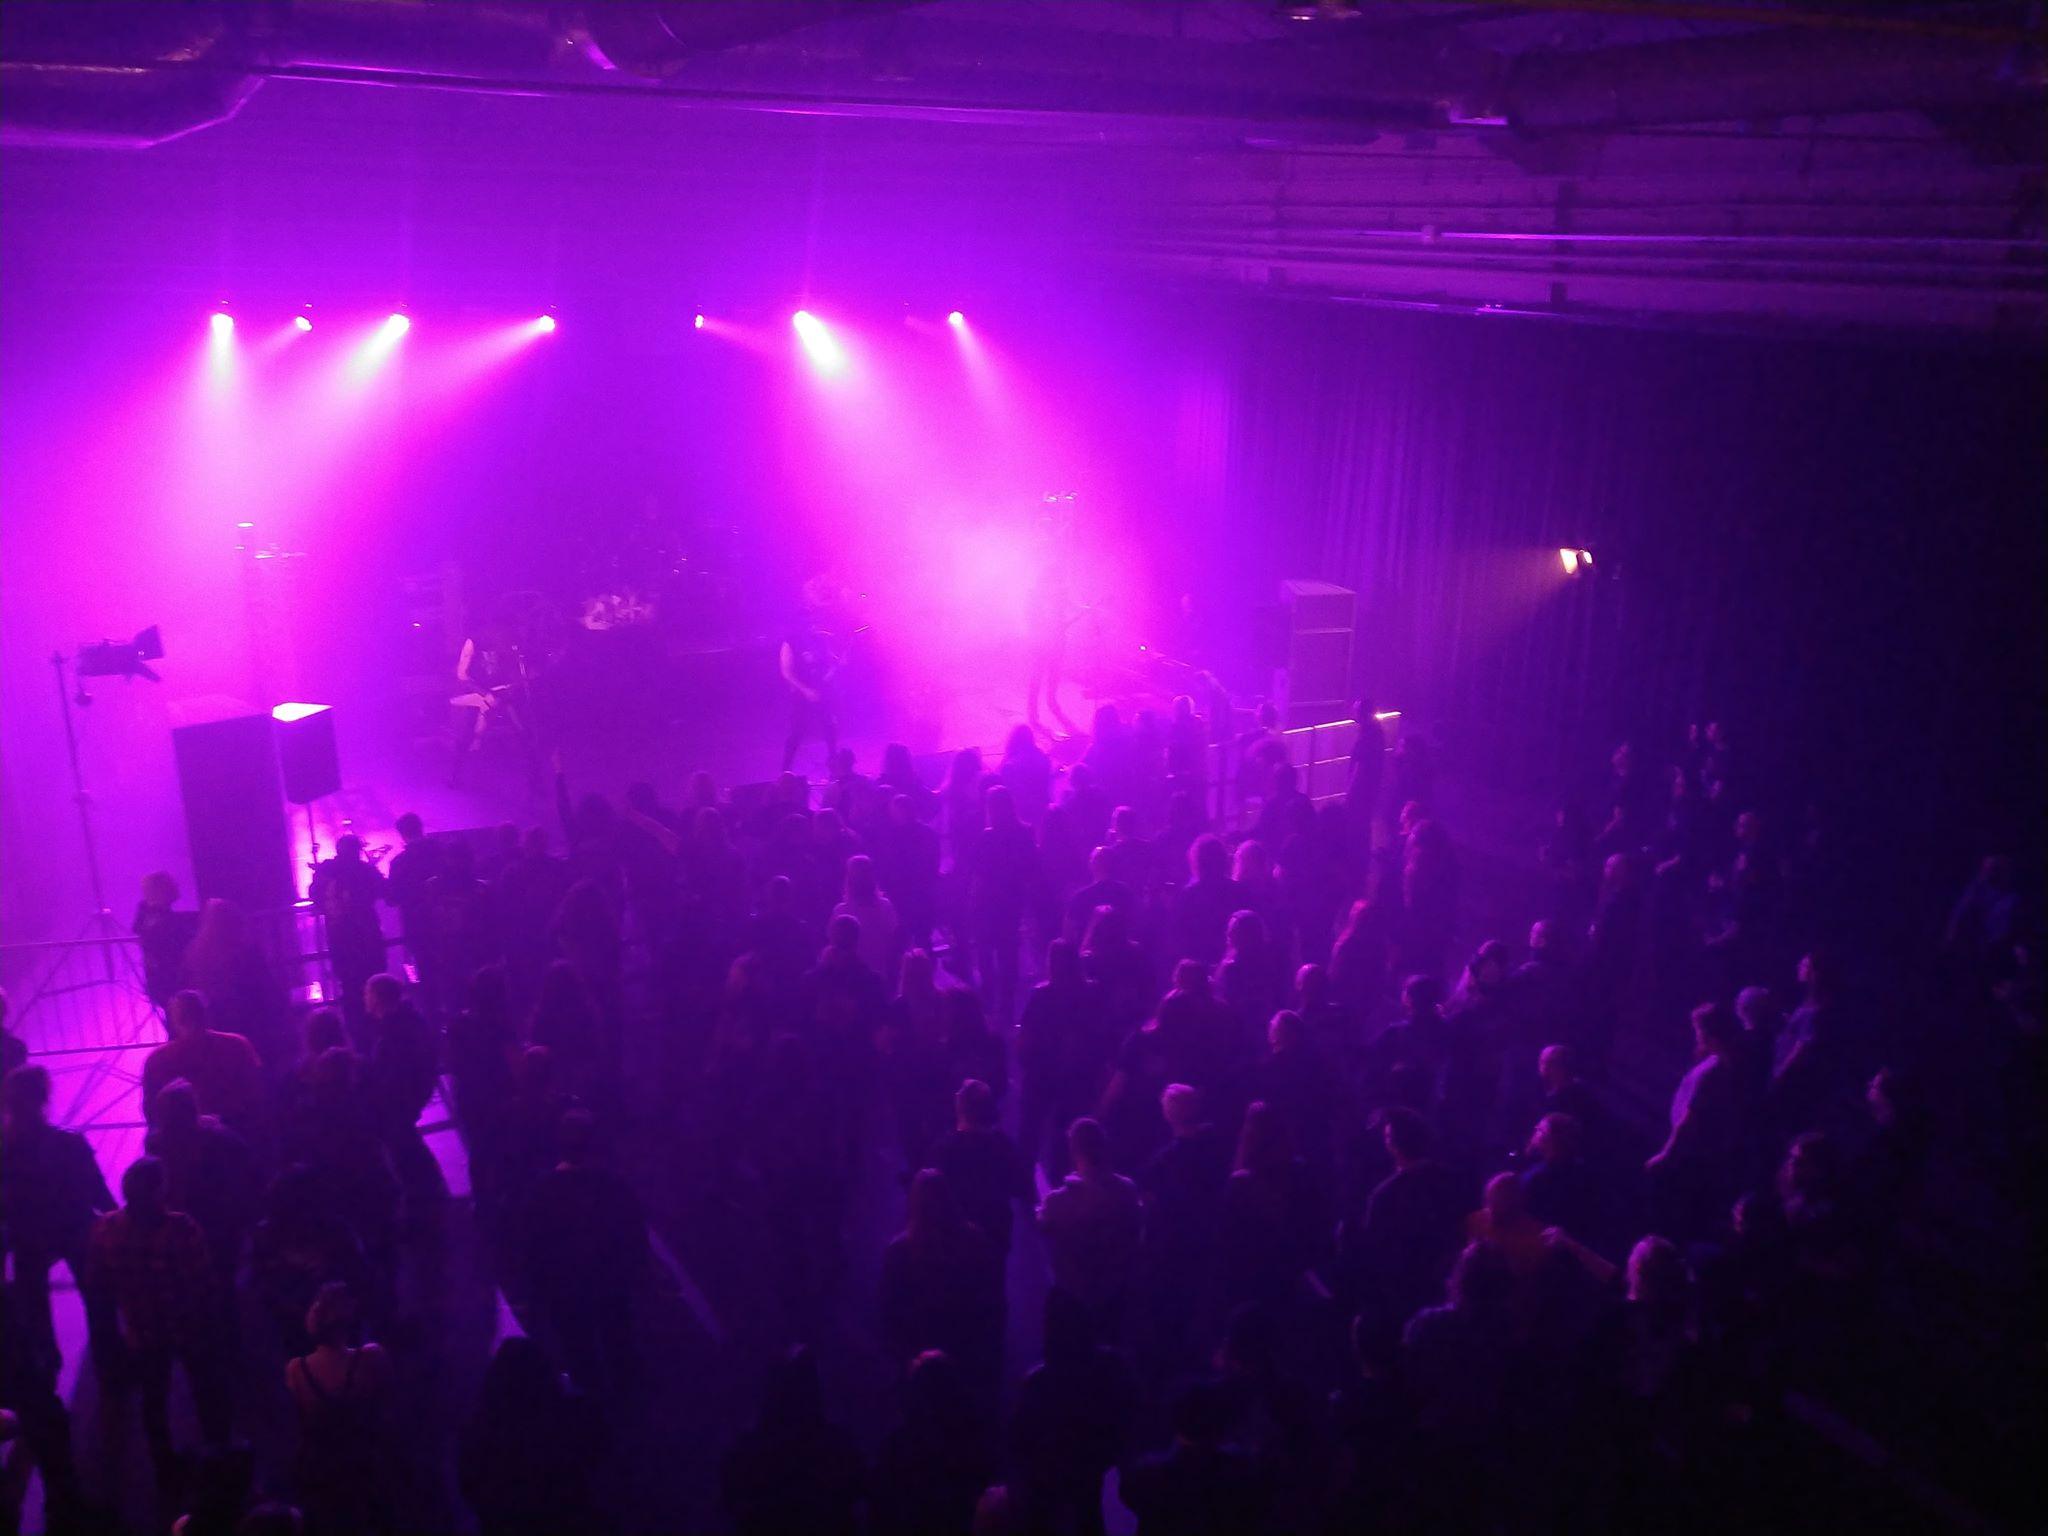 Valotekniikka konsertti